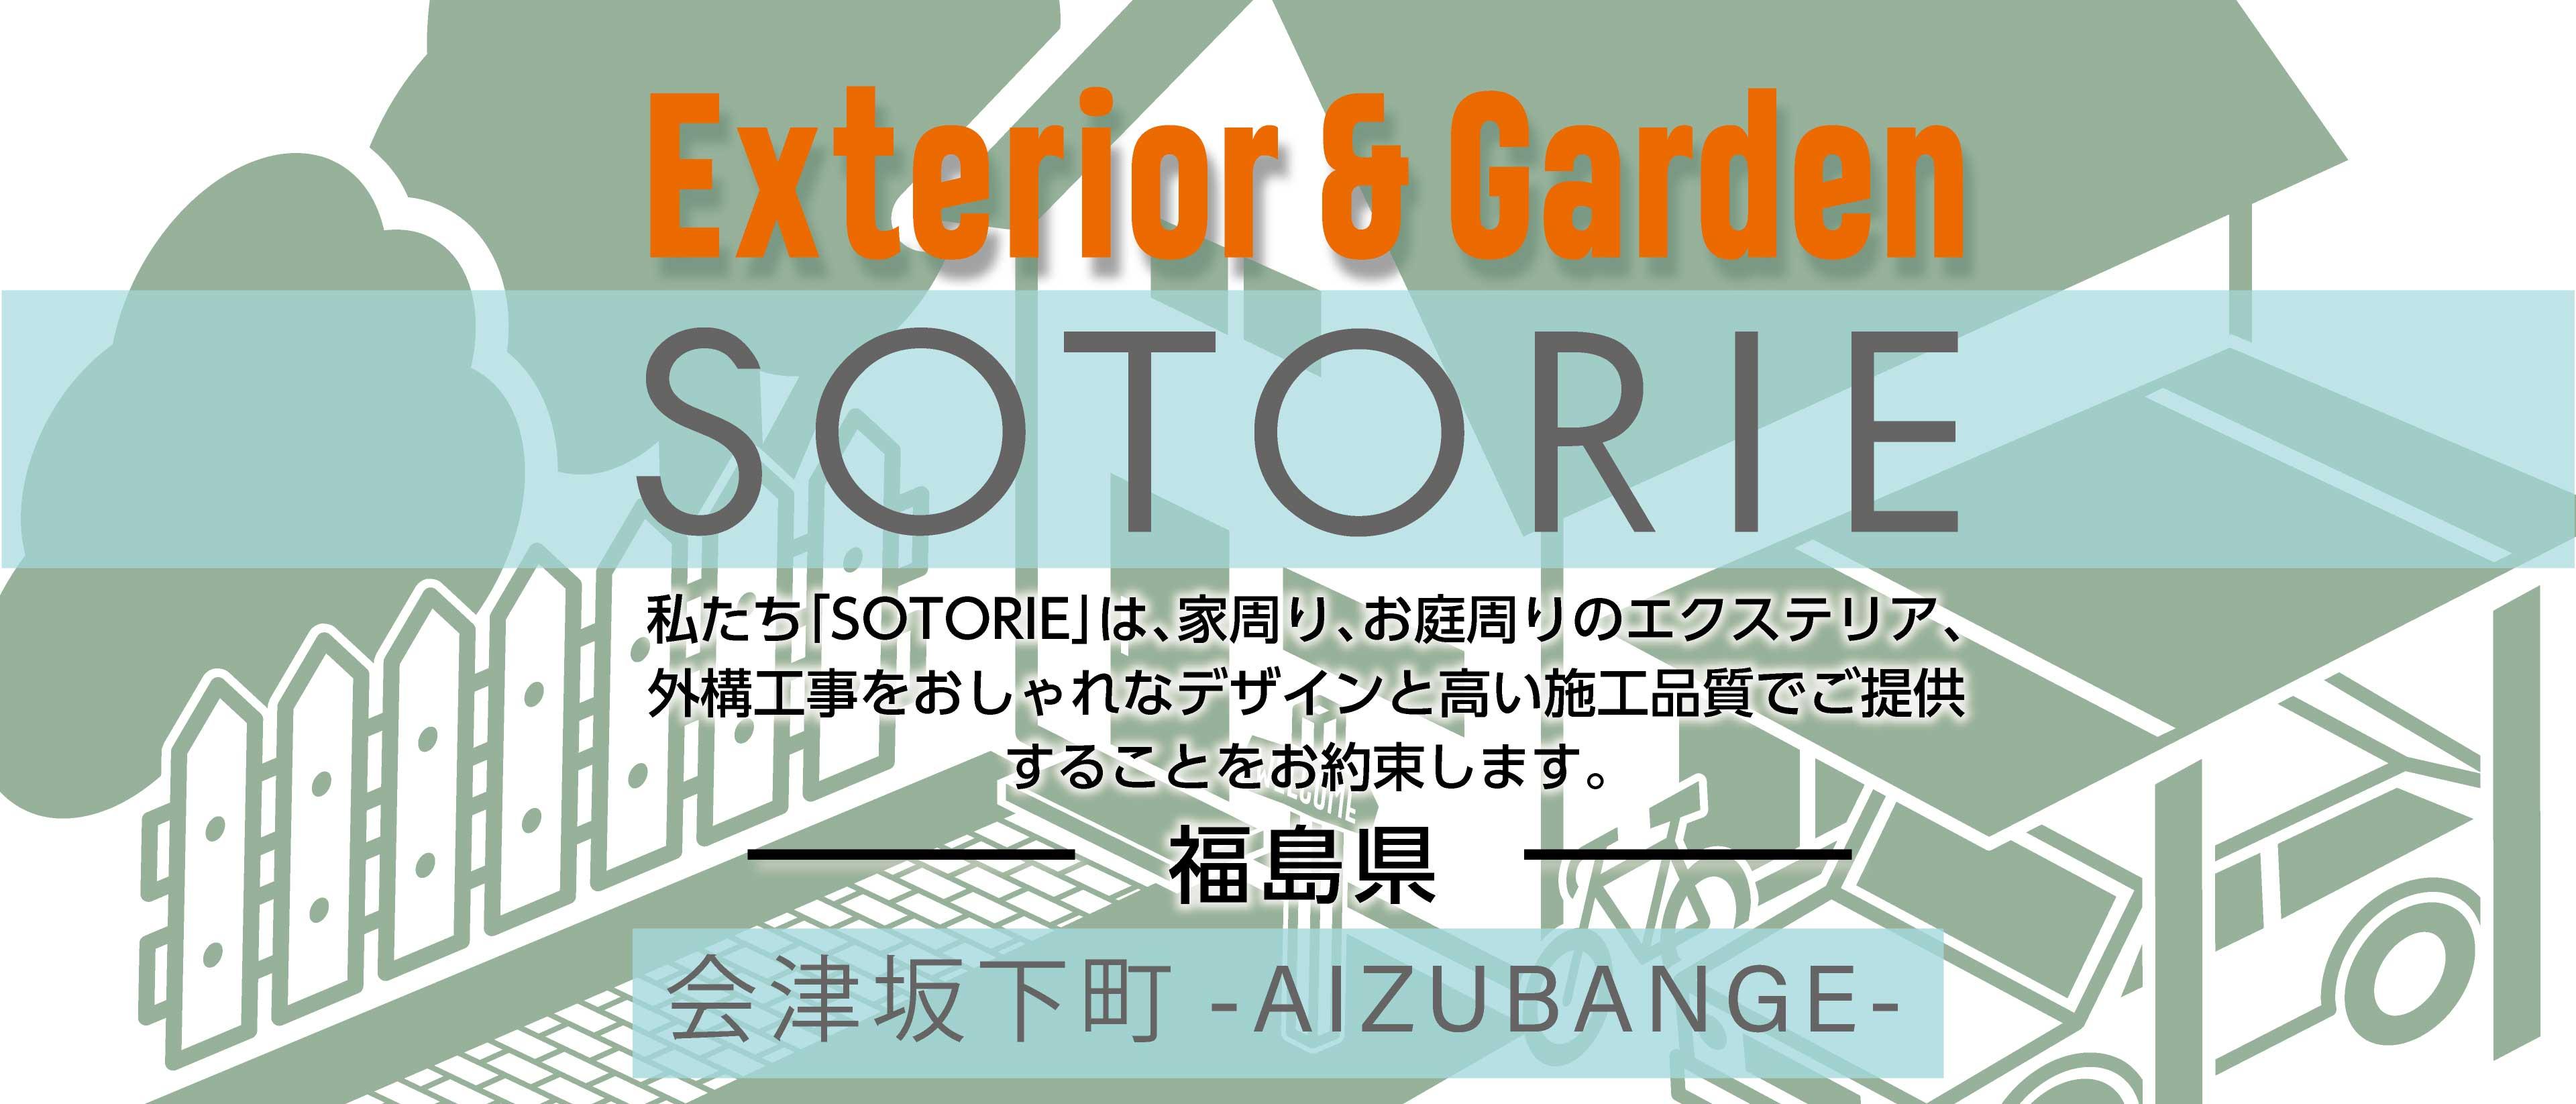 ソトリエ会津坂下町では、家周りと庭周りの外構、エクステリア工事をおしゃれなデザインと高い施工品質でご提供することをお約束します。